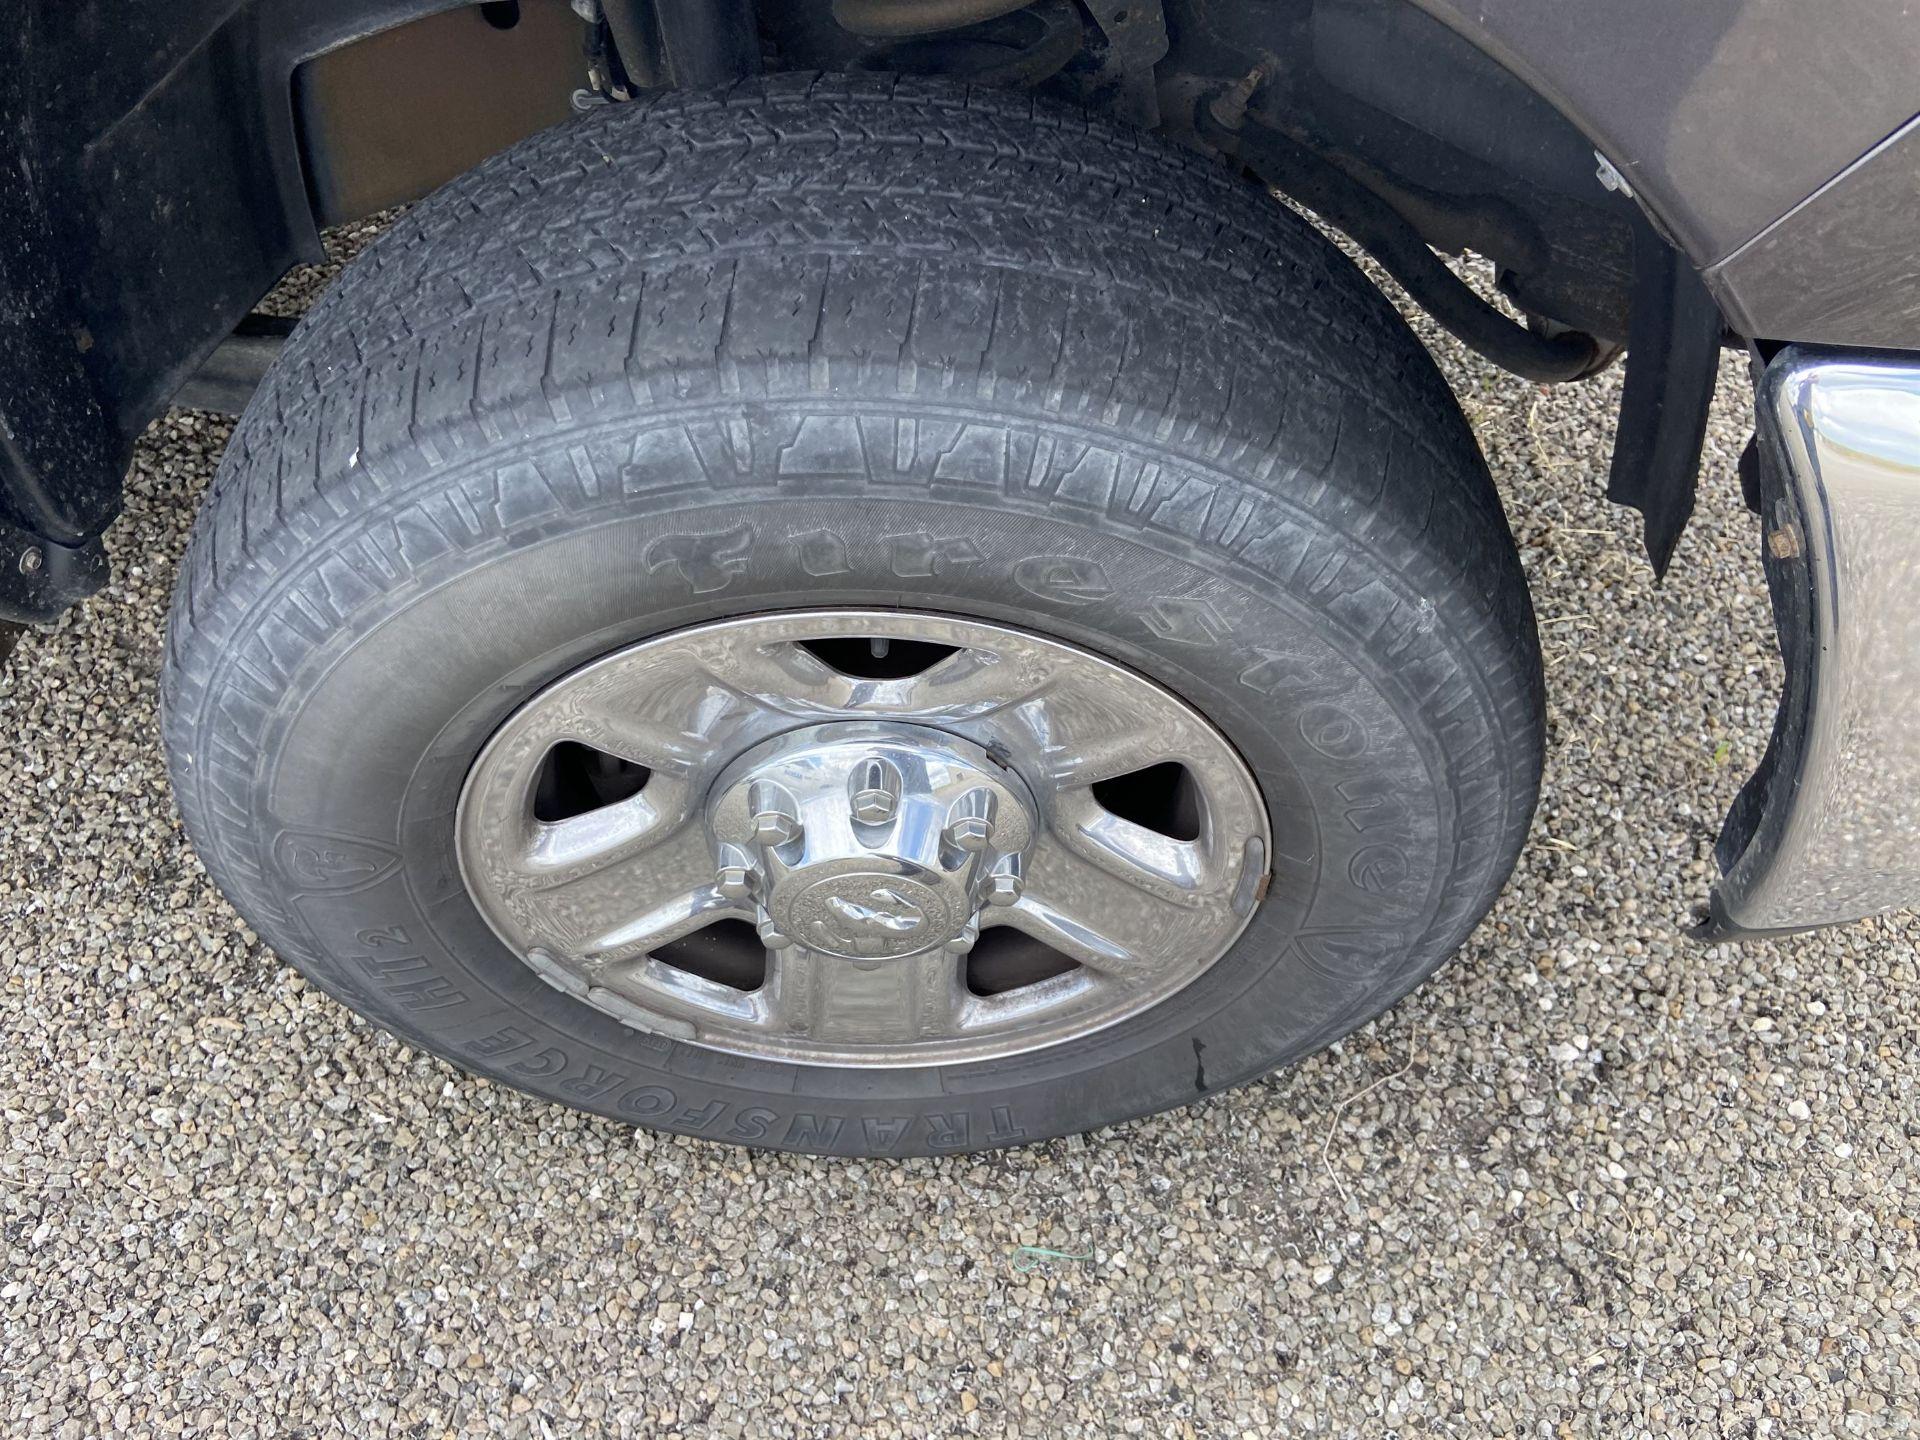 2013 Dodge Ram 2500 HD Crew Cab Long Bed, 251K Miles, Cloth, 4X4, Diesel, VIN # 3C6UR5HL1EG135730 - Image 8 of 17